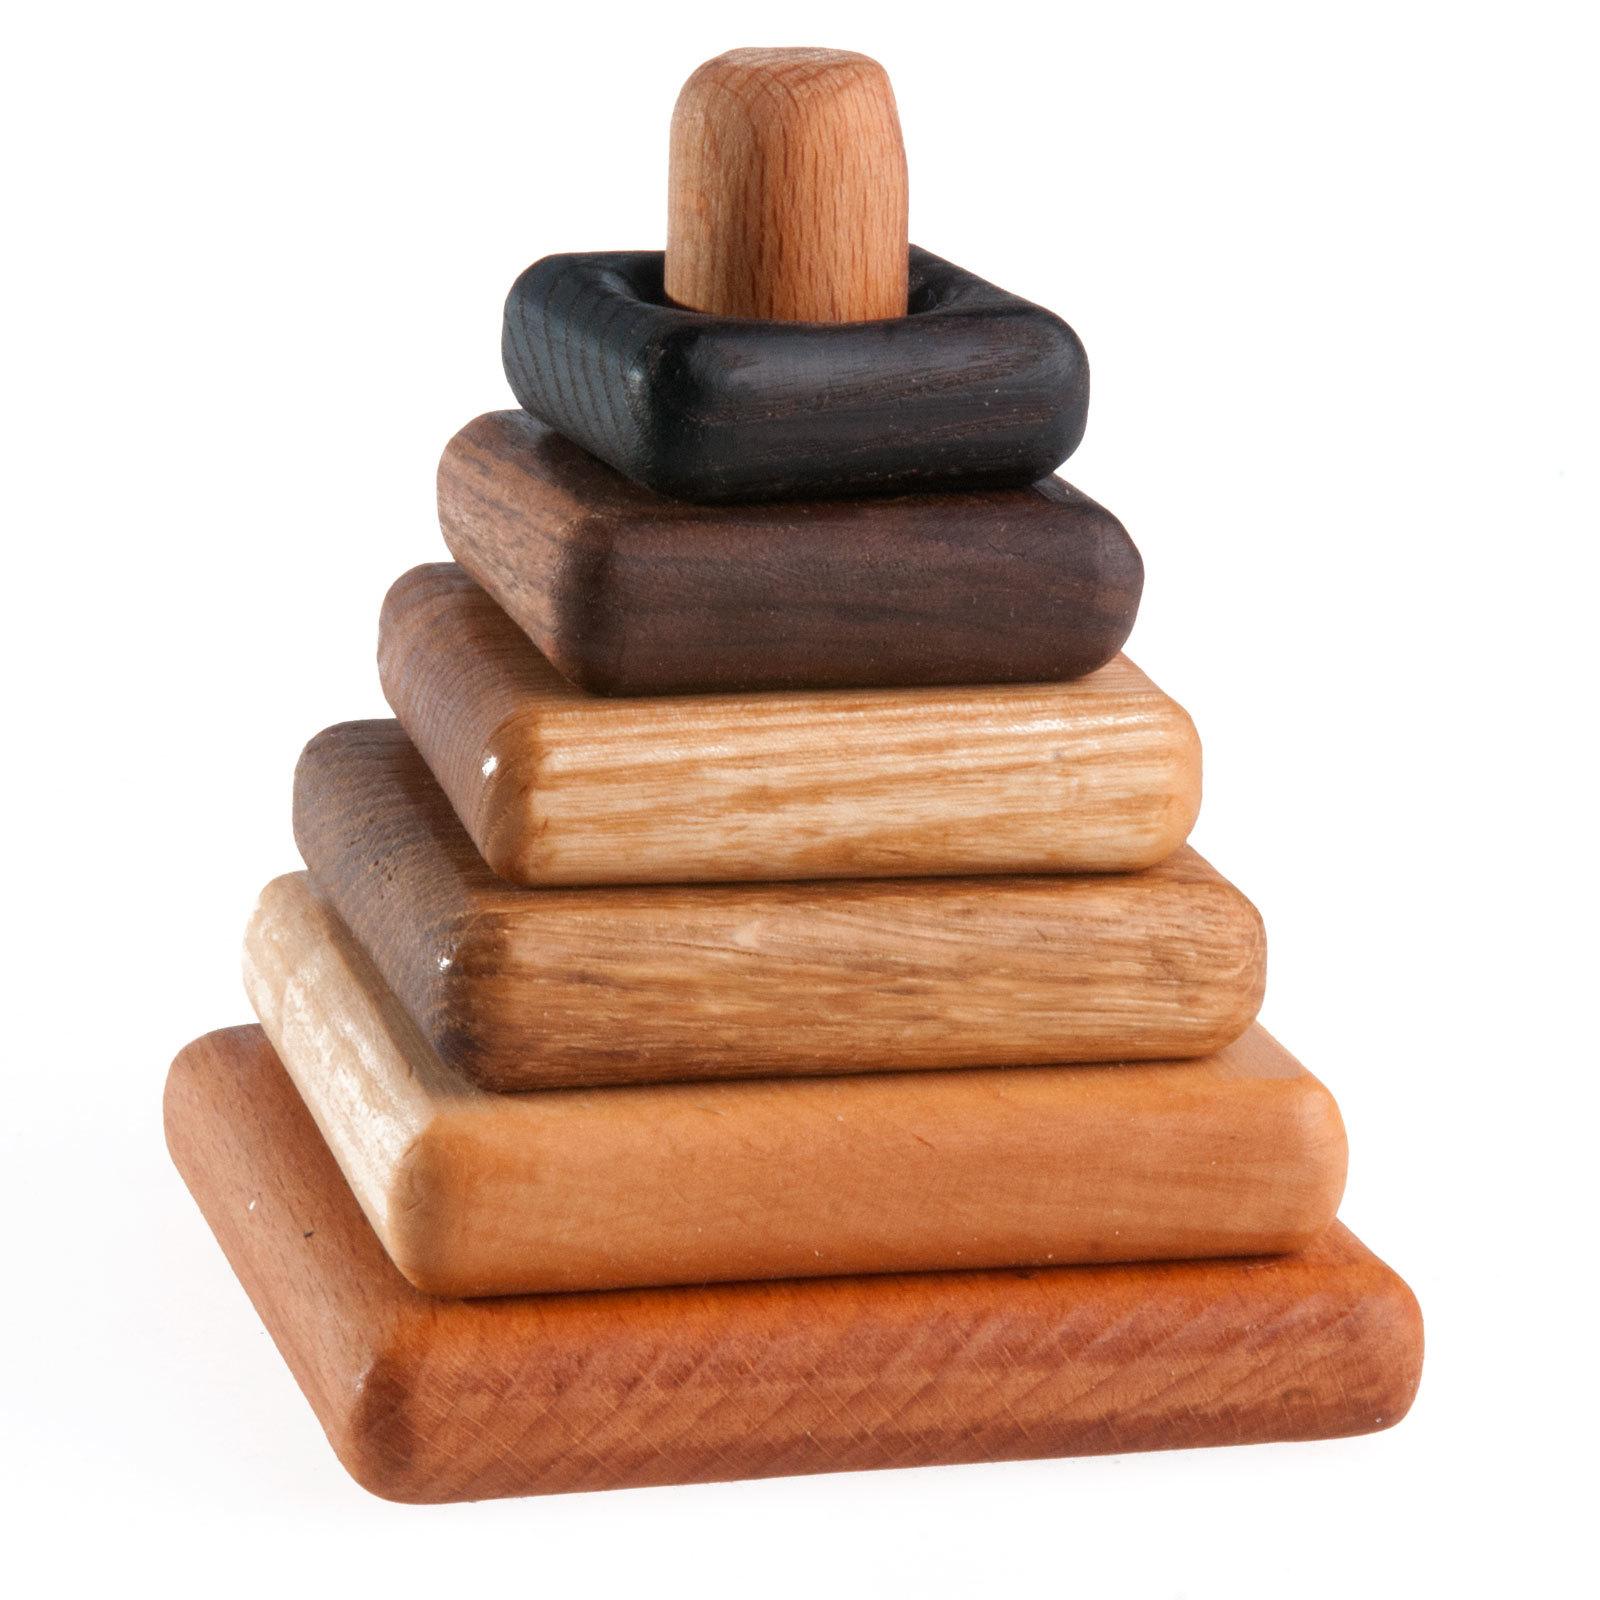 Пирамидка деревянная квадратная